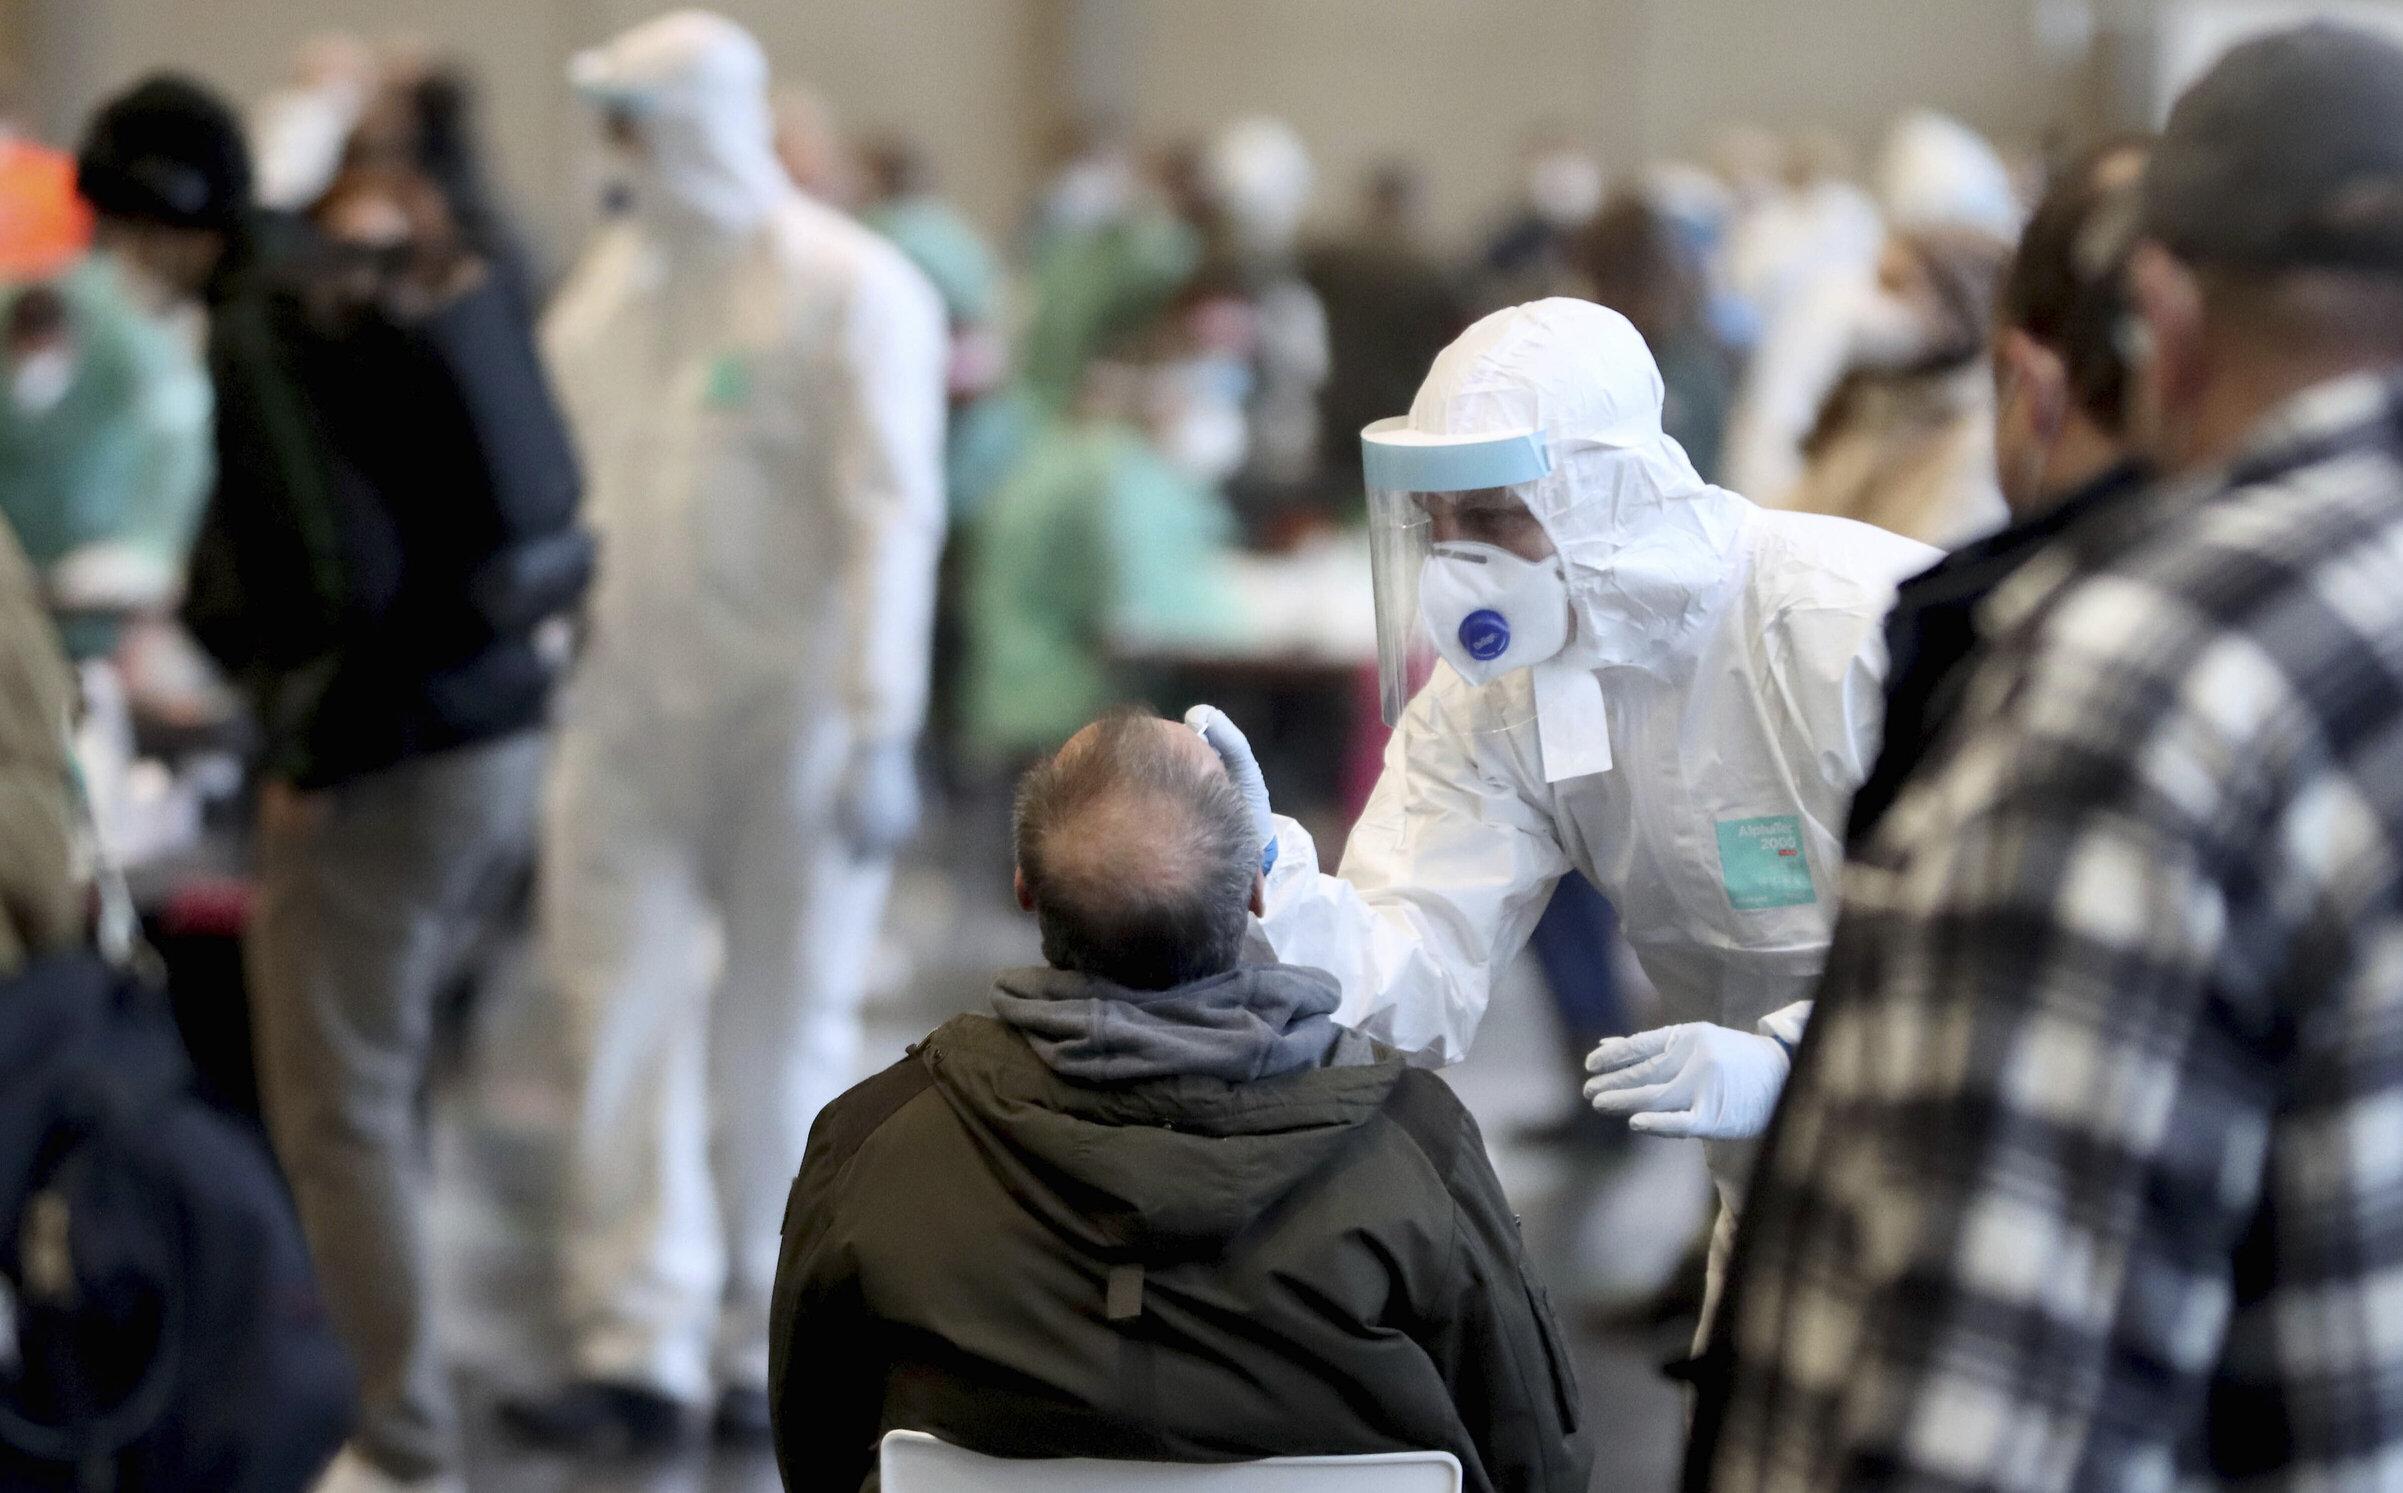 Testarea în masă este lipsită de sens. Slovacia a pariat pe această strategie, dar epidemia accelerează din nou